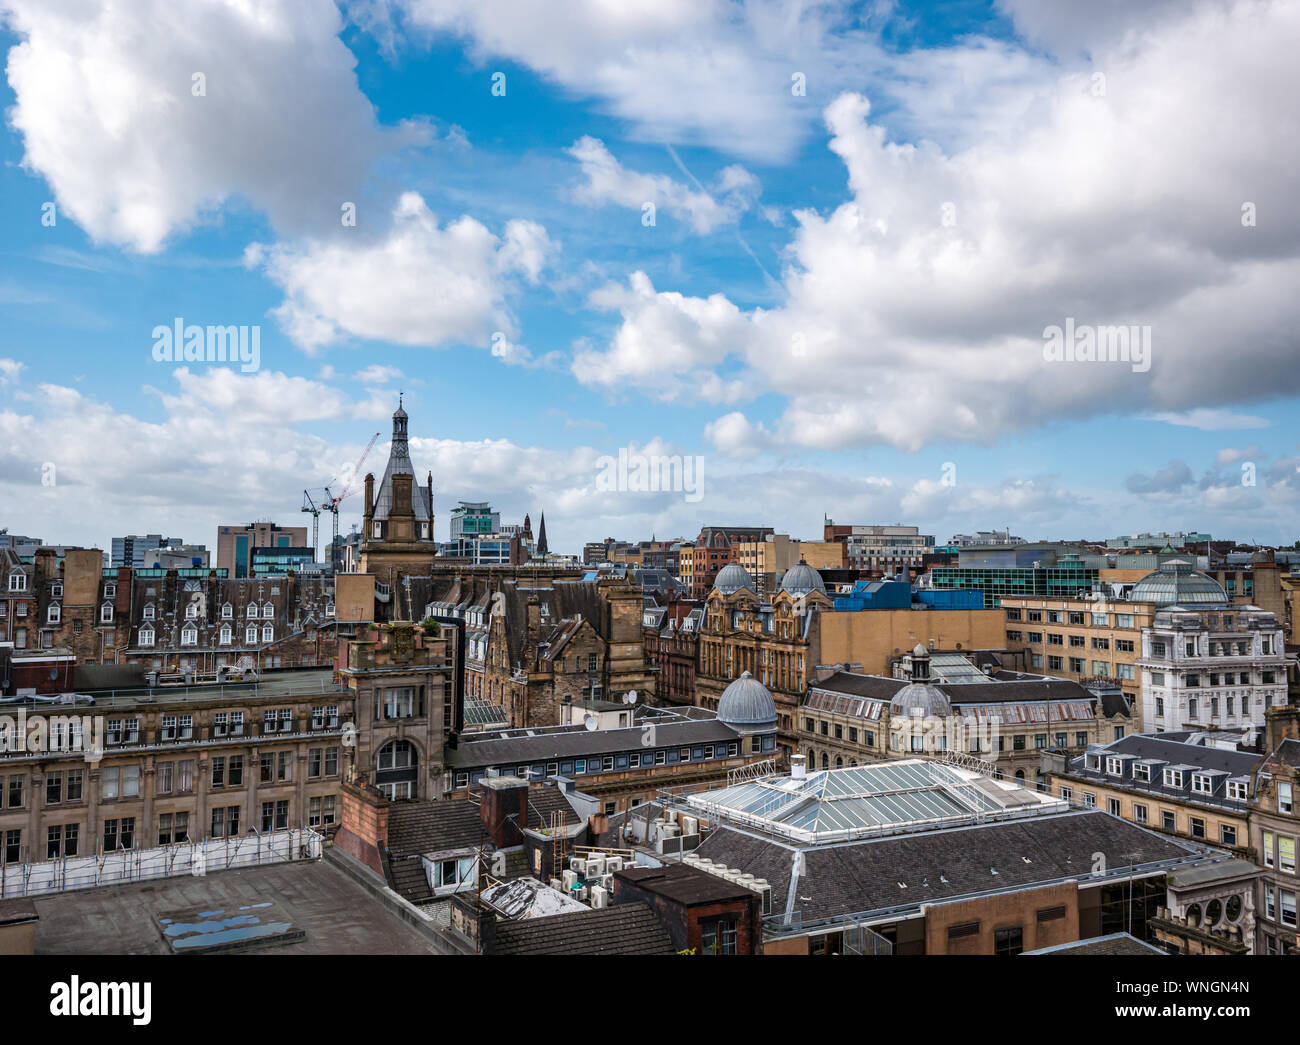 Vista de la ciudad desde la torre del faro, Mitchell Street, Glasgow, Escocia, Reino Unido Foto de stock